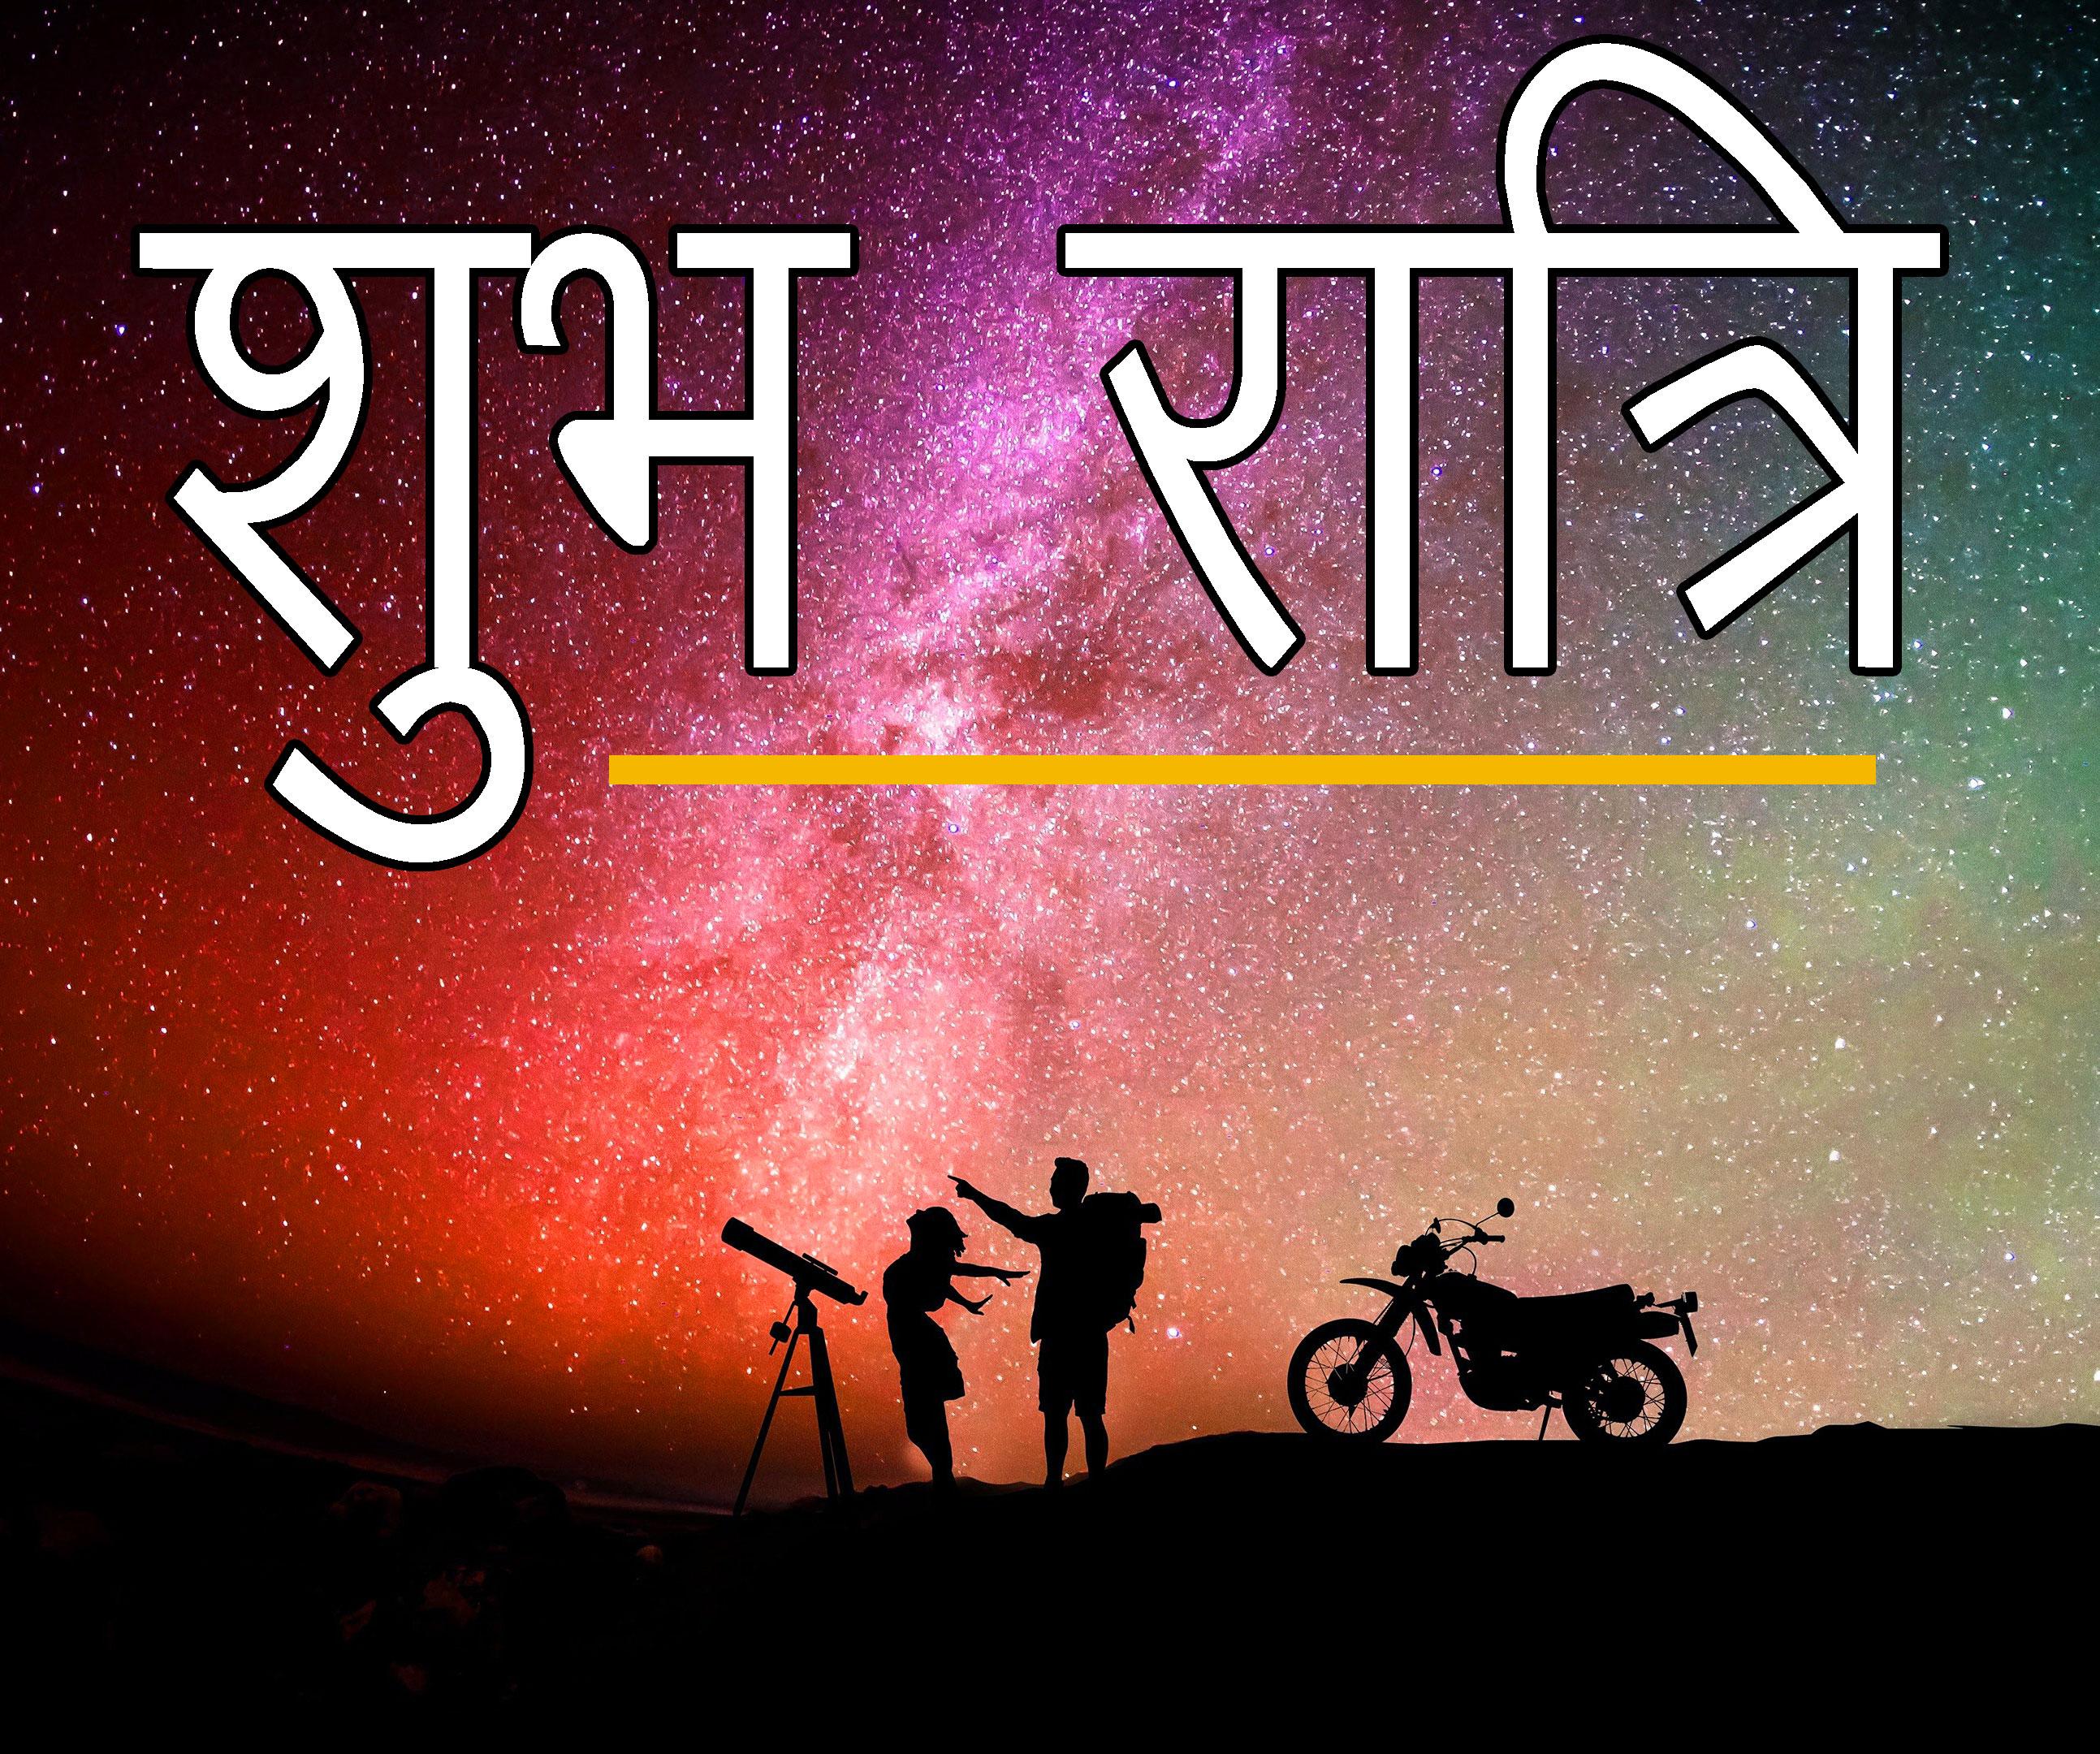 Shubh Ratri Wallpaper 22